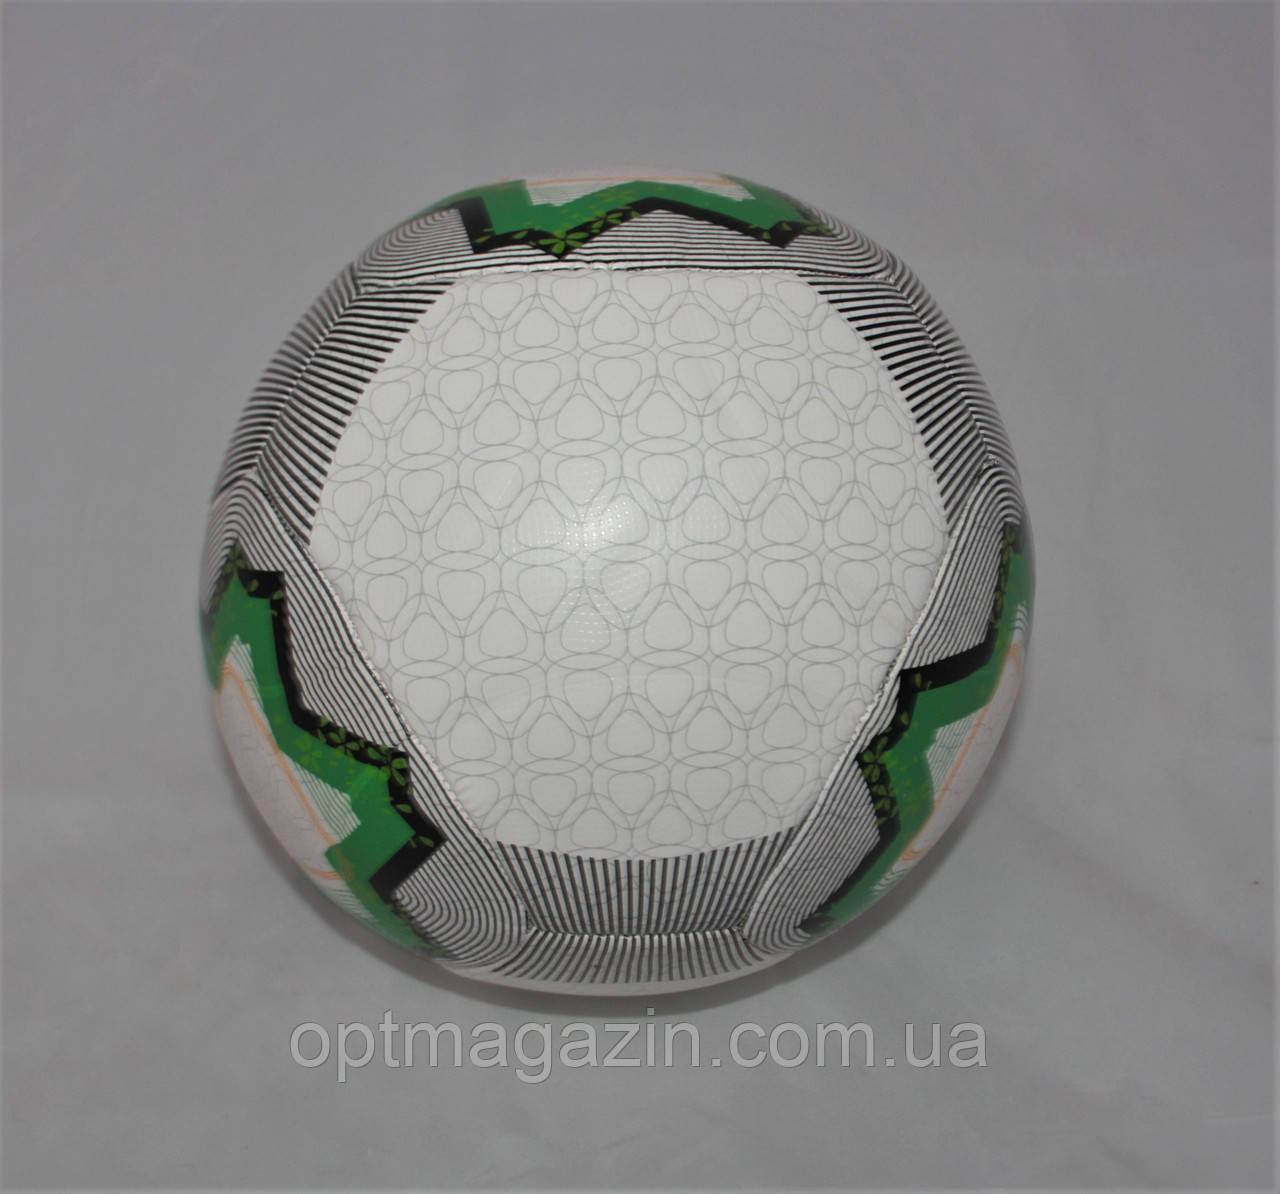 Мяч футбольный 25573-2